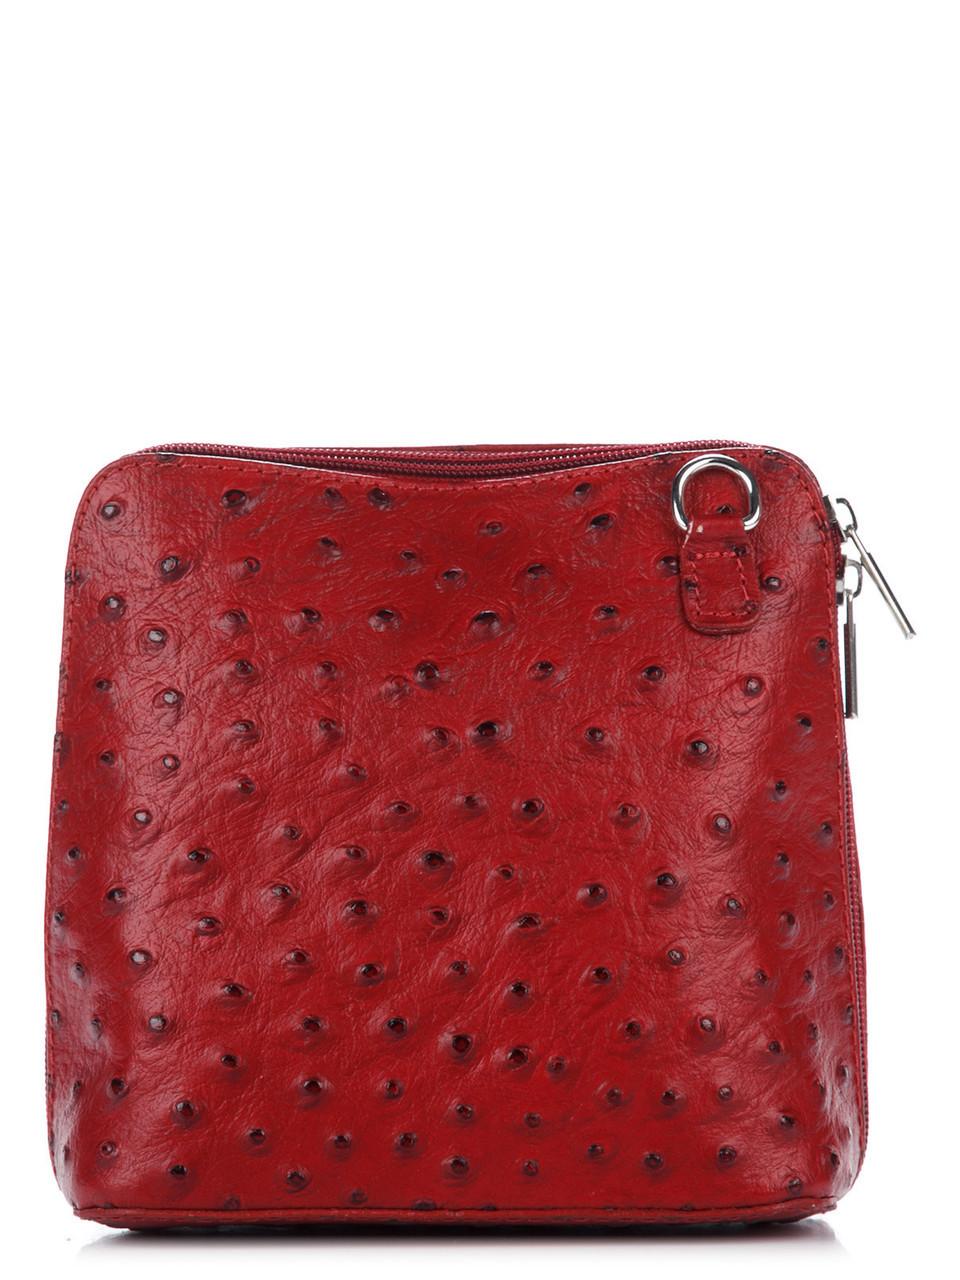 Женская кожаная сумка Diva's Bag GRETA цвет бордовый